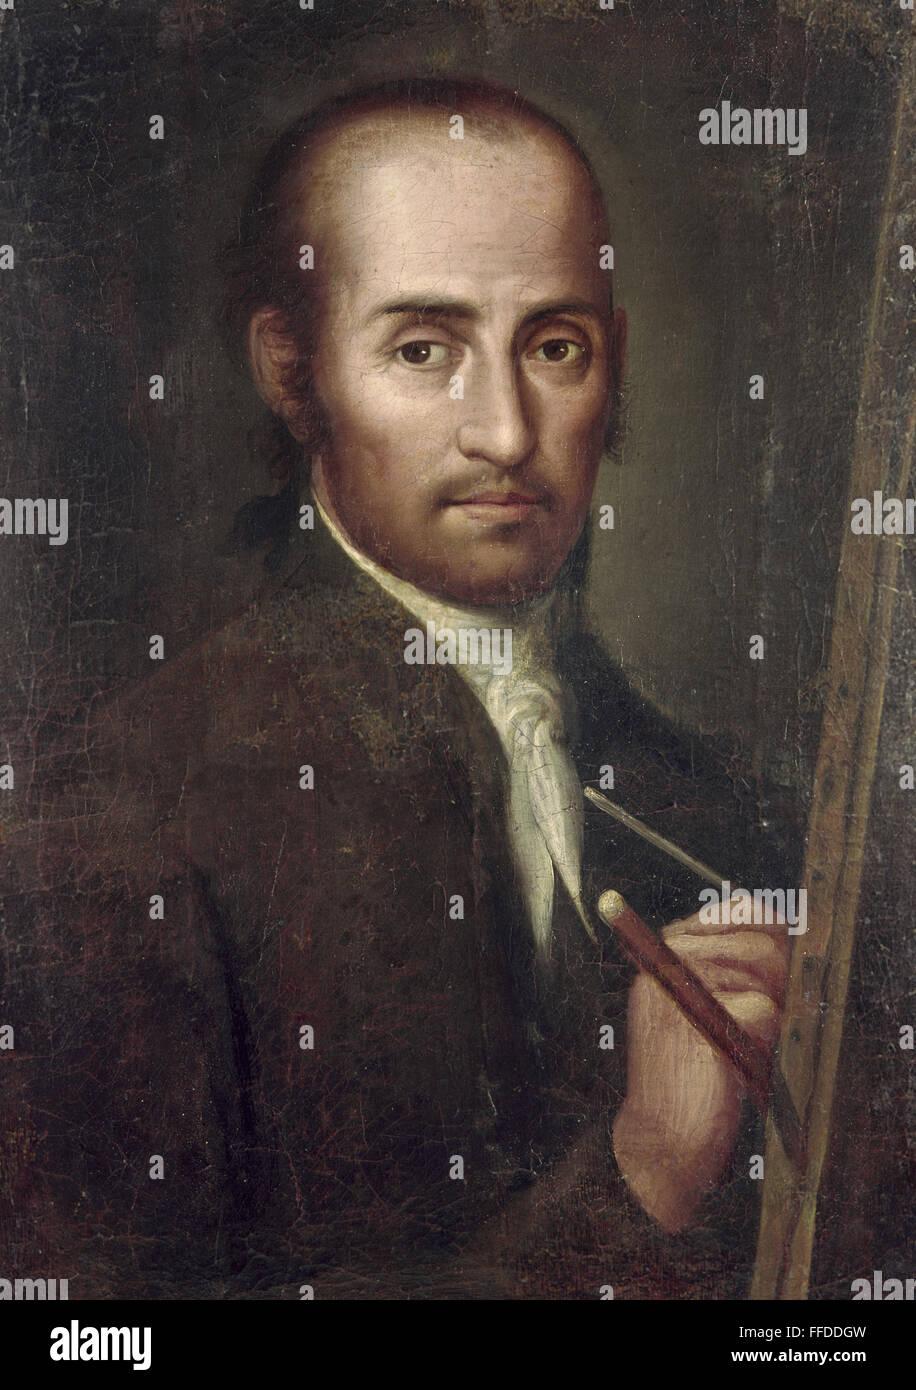 MIGUEL CABRERA (1695-1768). /nMexican painter. Self ... Miguel Cabrera Fantasy Outlook